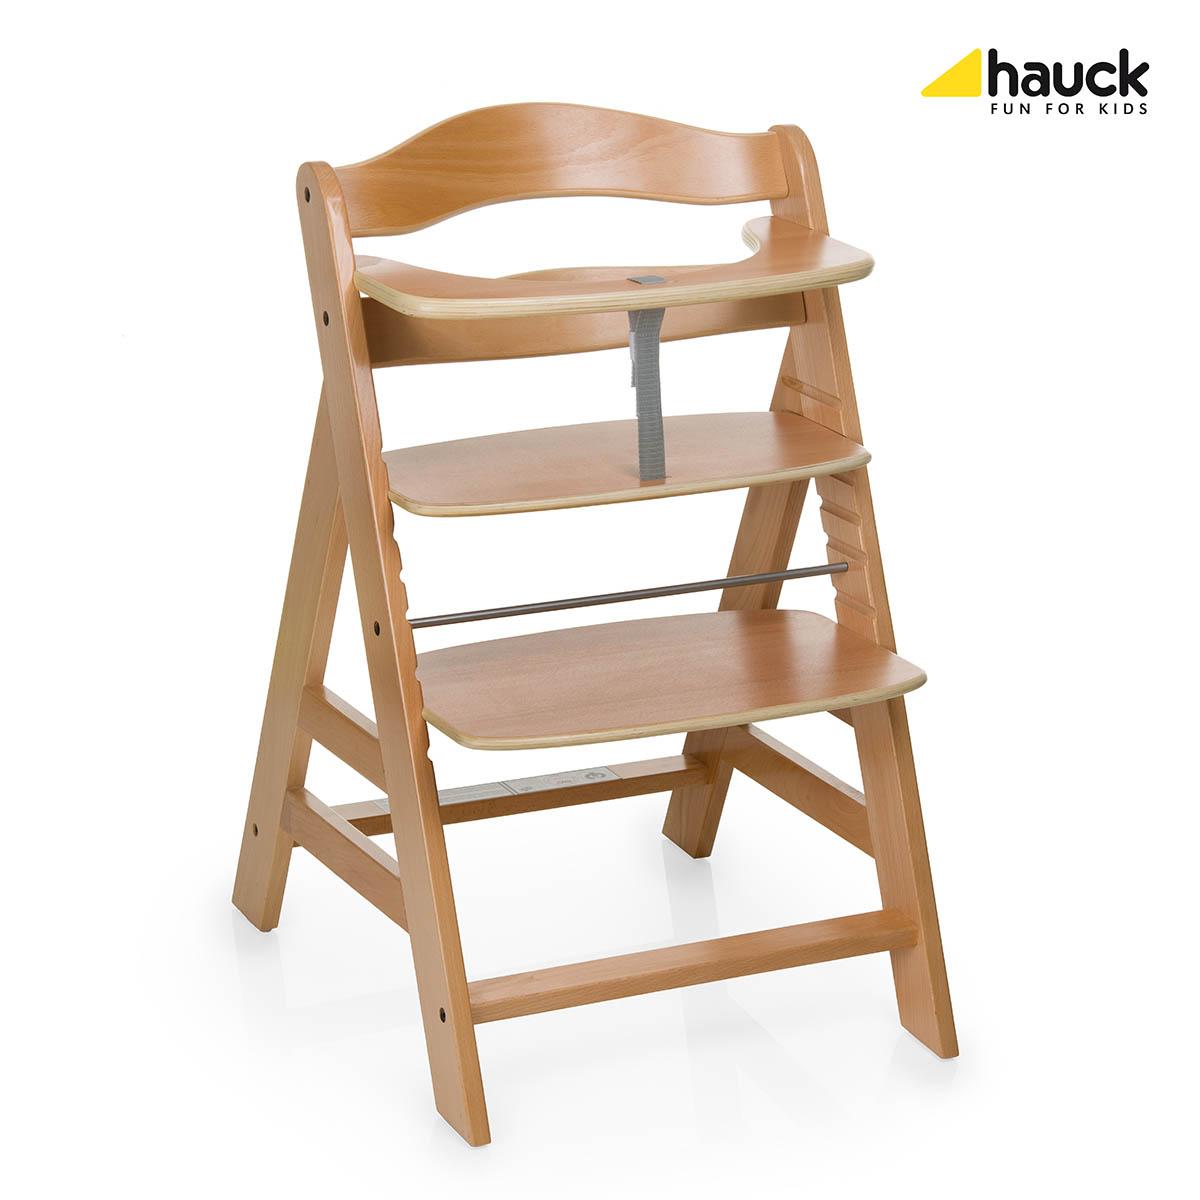 Hauck Alpha + barošanas krēsls - Natur